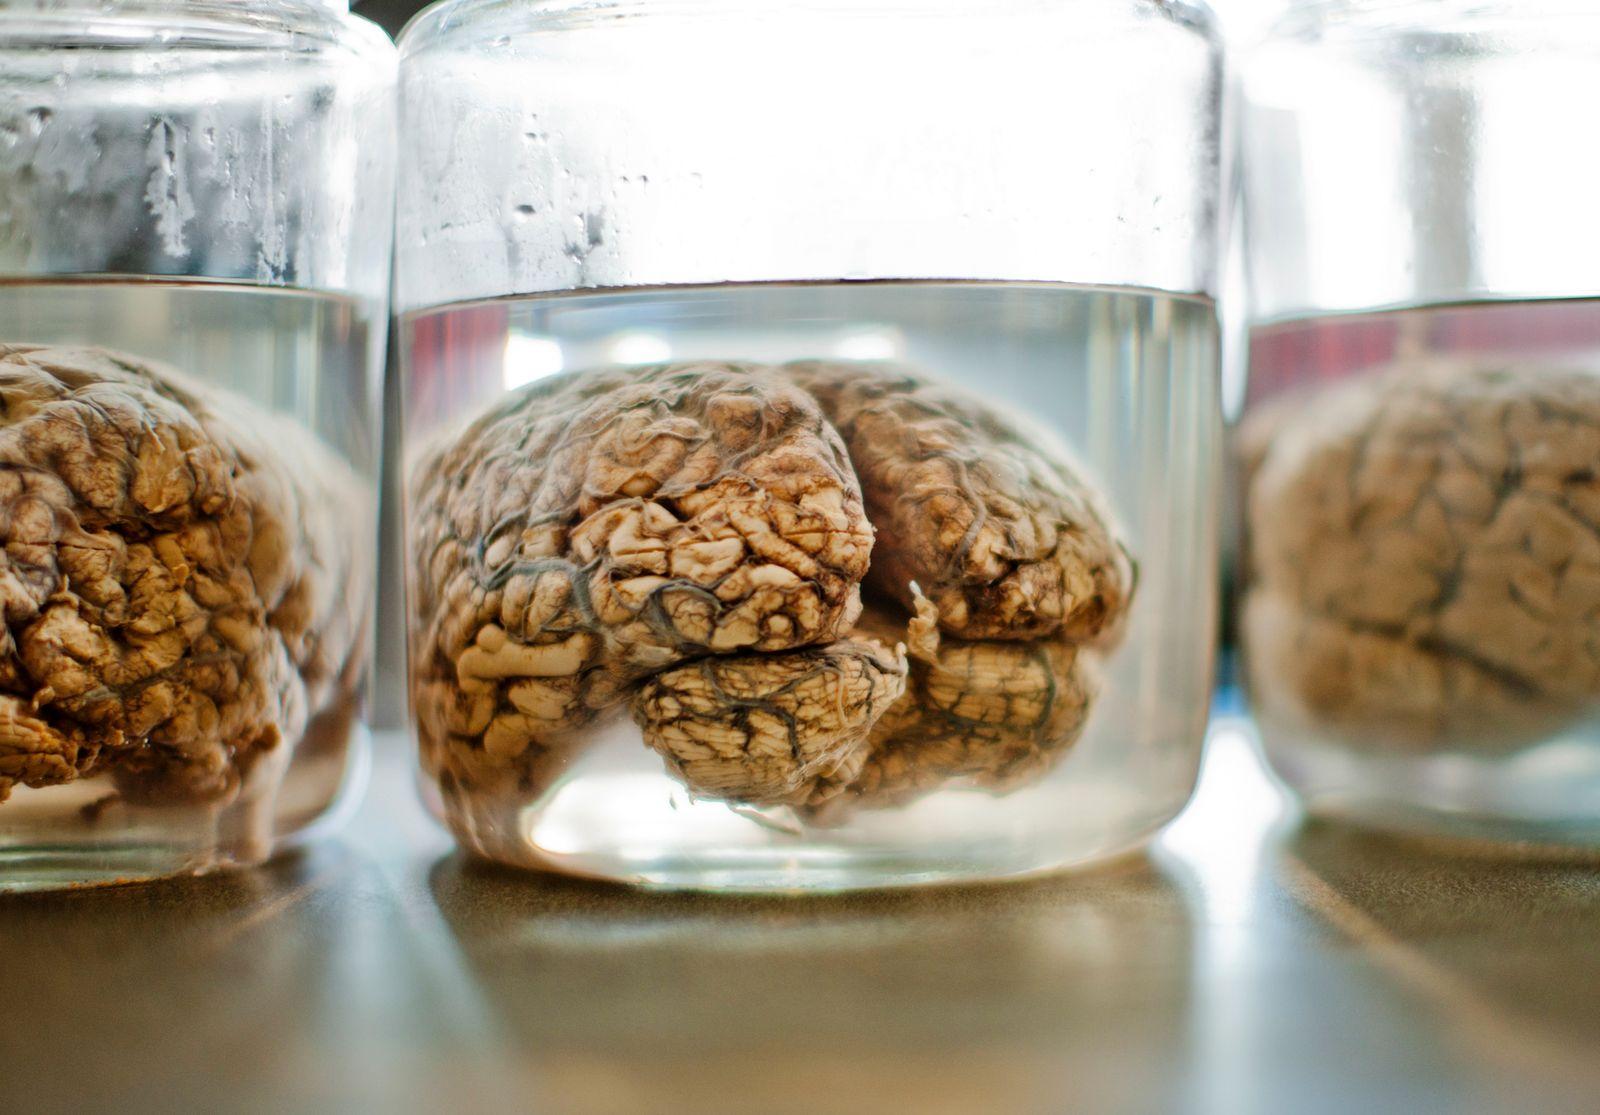 NICHT MEHR VERWENDEN! - Menschliches Gehirn